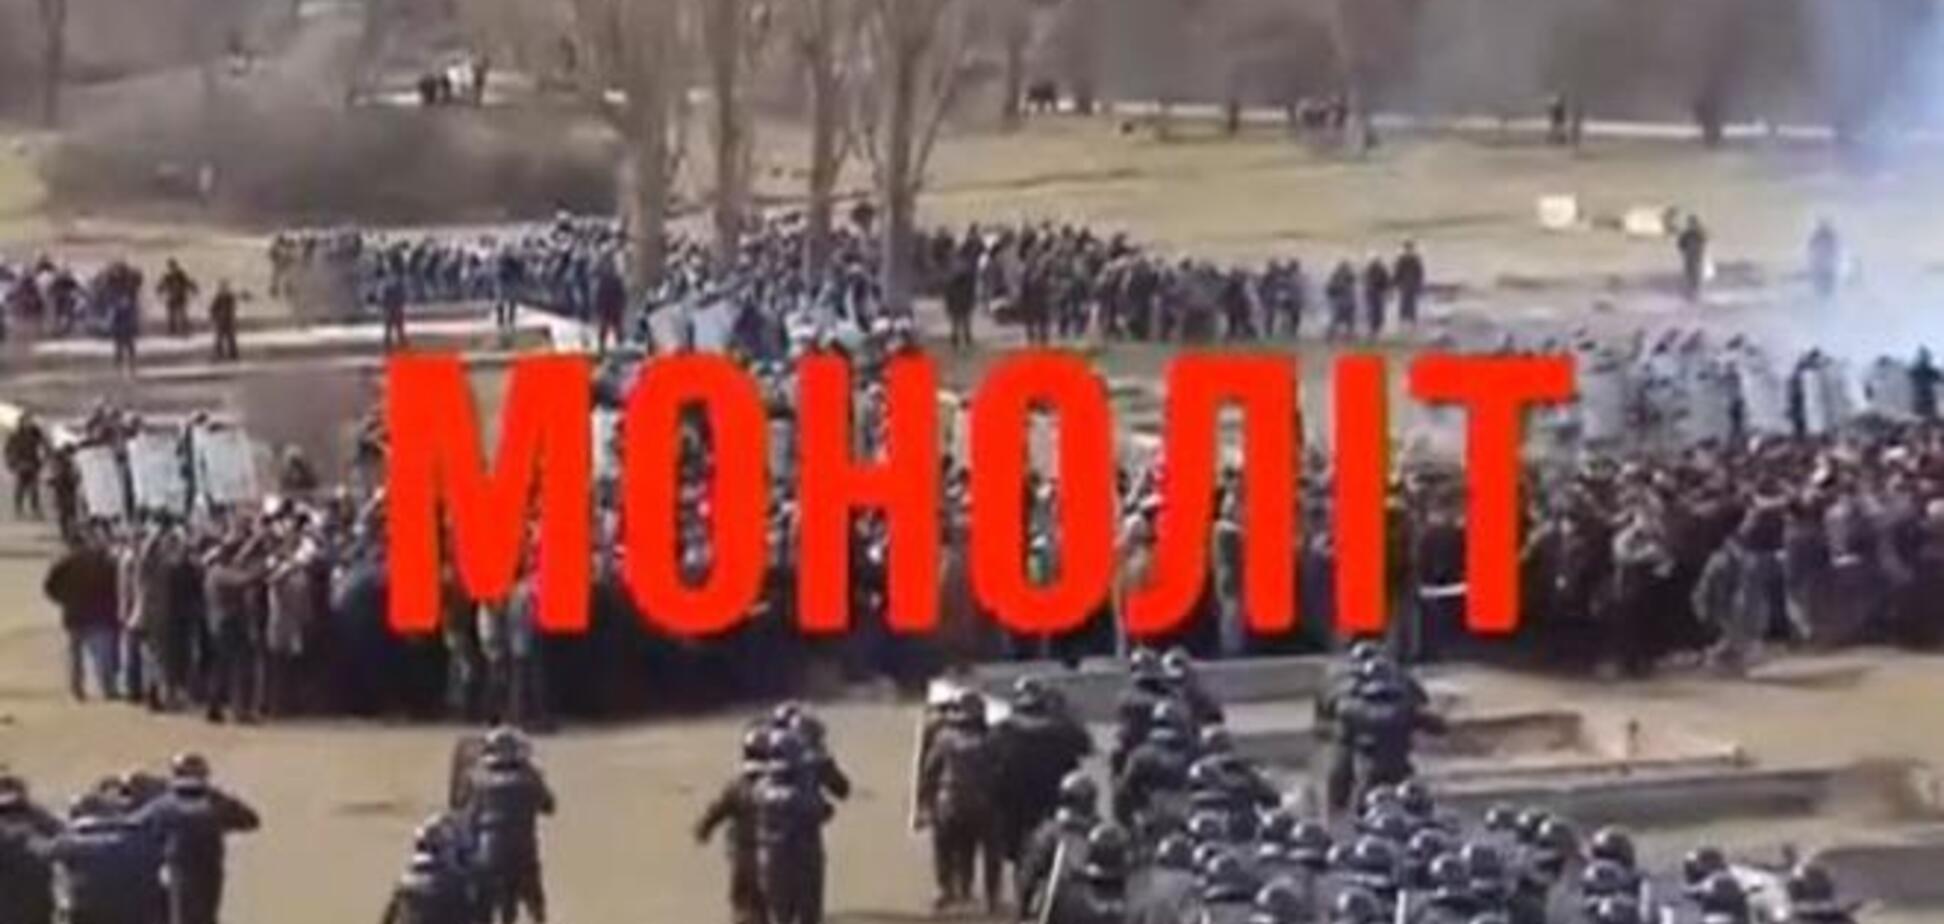 Украинские спецслужбы разоблачили тайный план Путина по захвату Украины  - СМИ